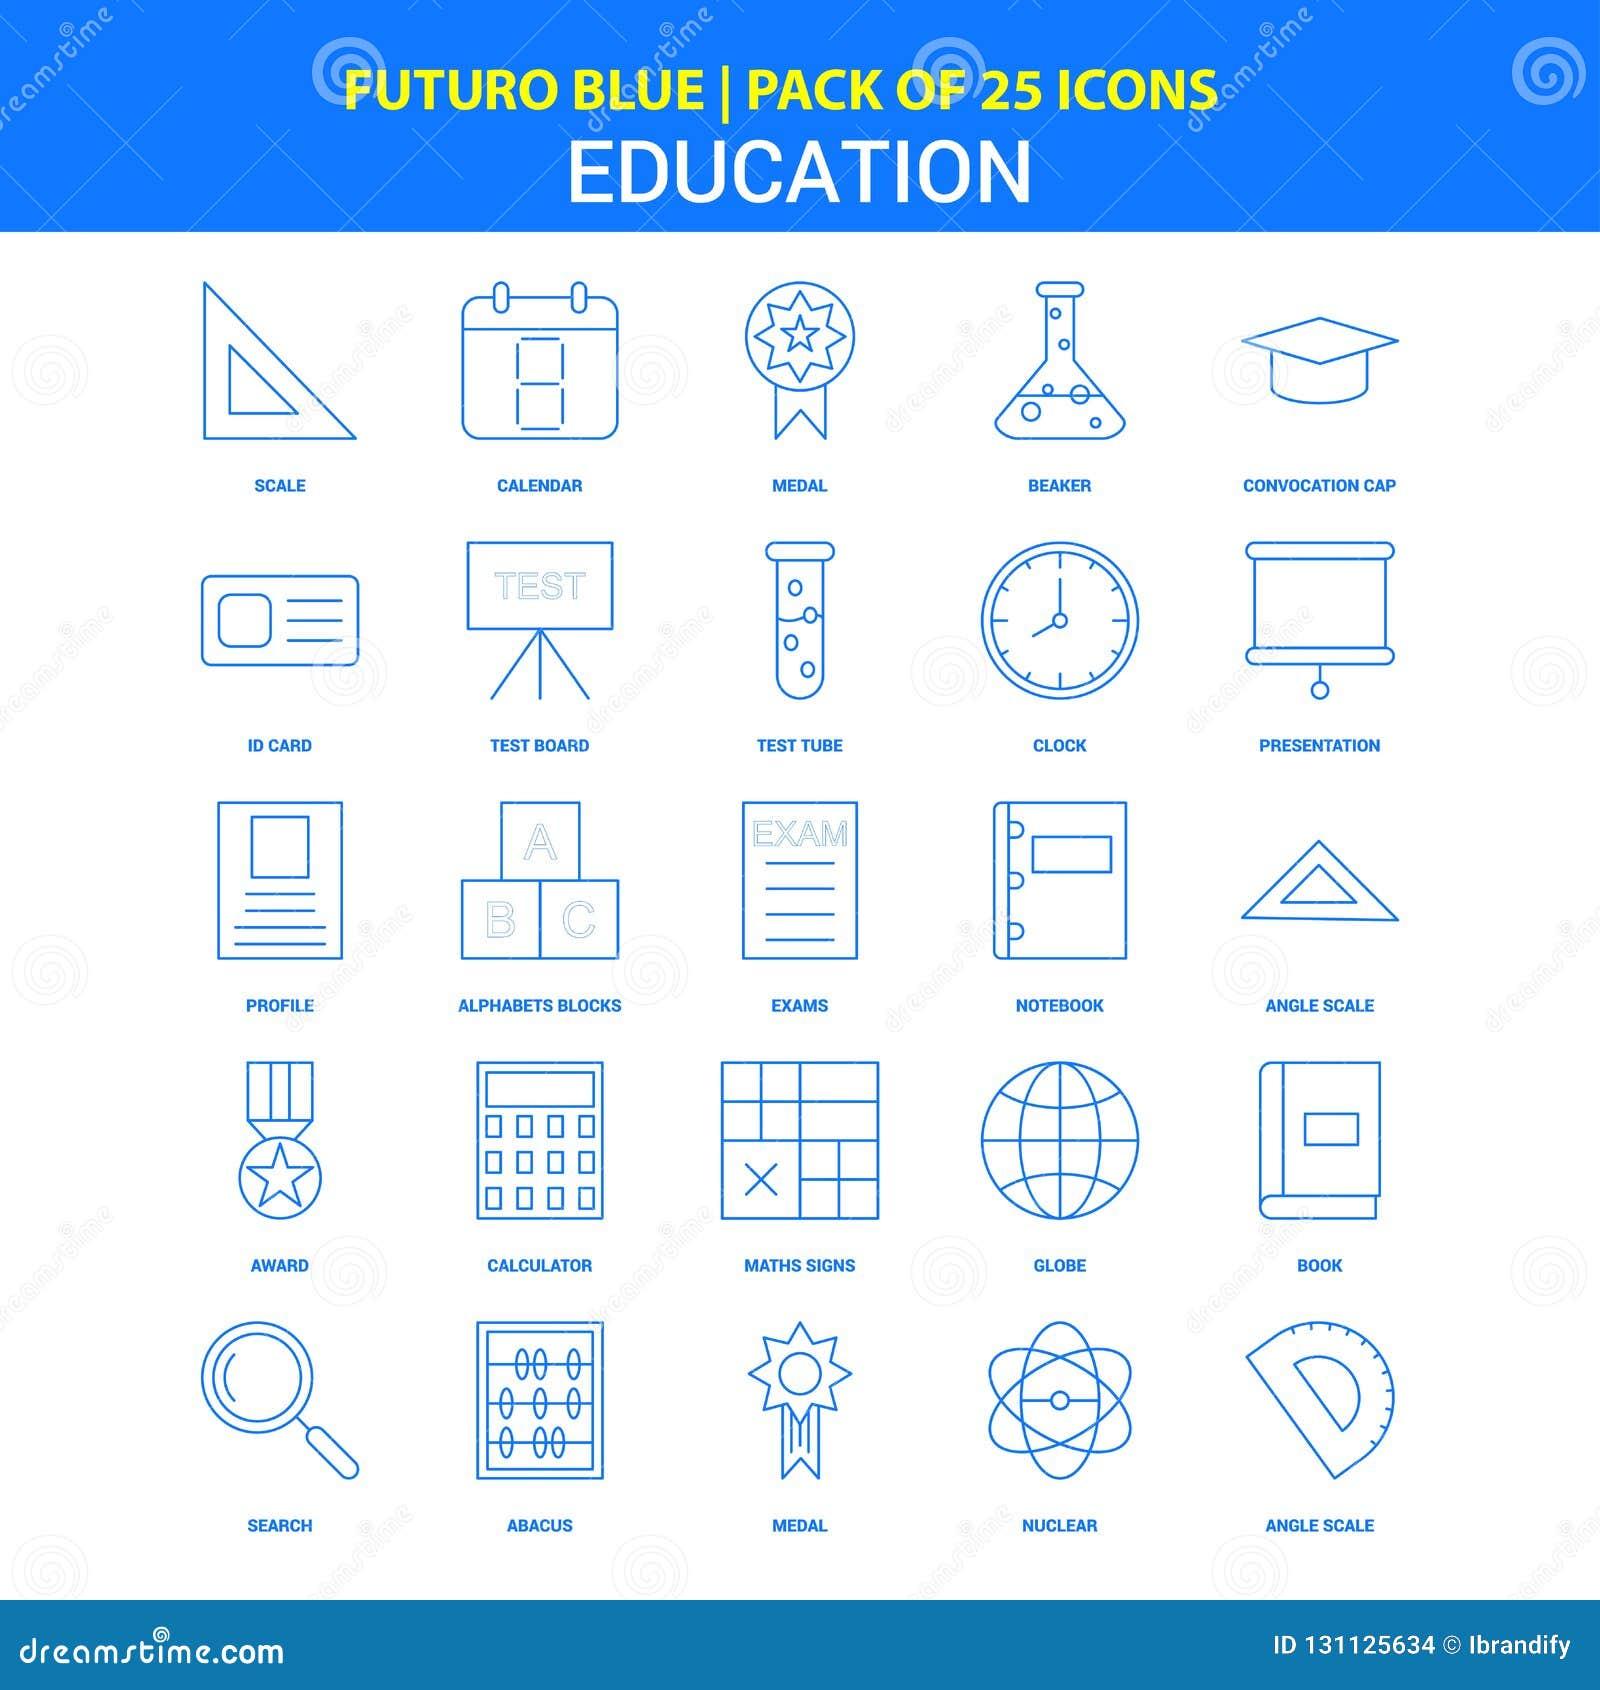 Onderwijspictogrammen - Blauw 25 Pictogrampak van Futuro